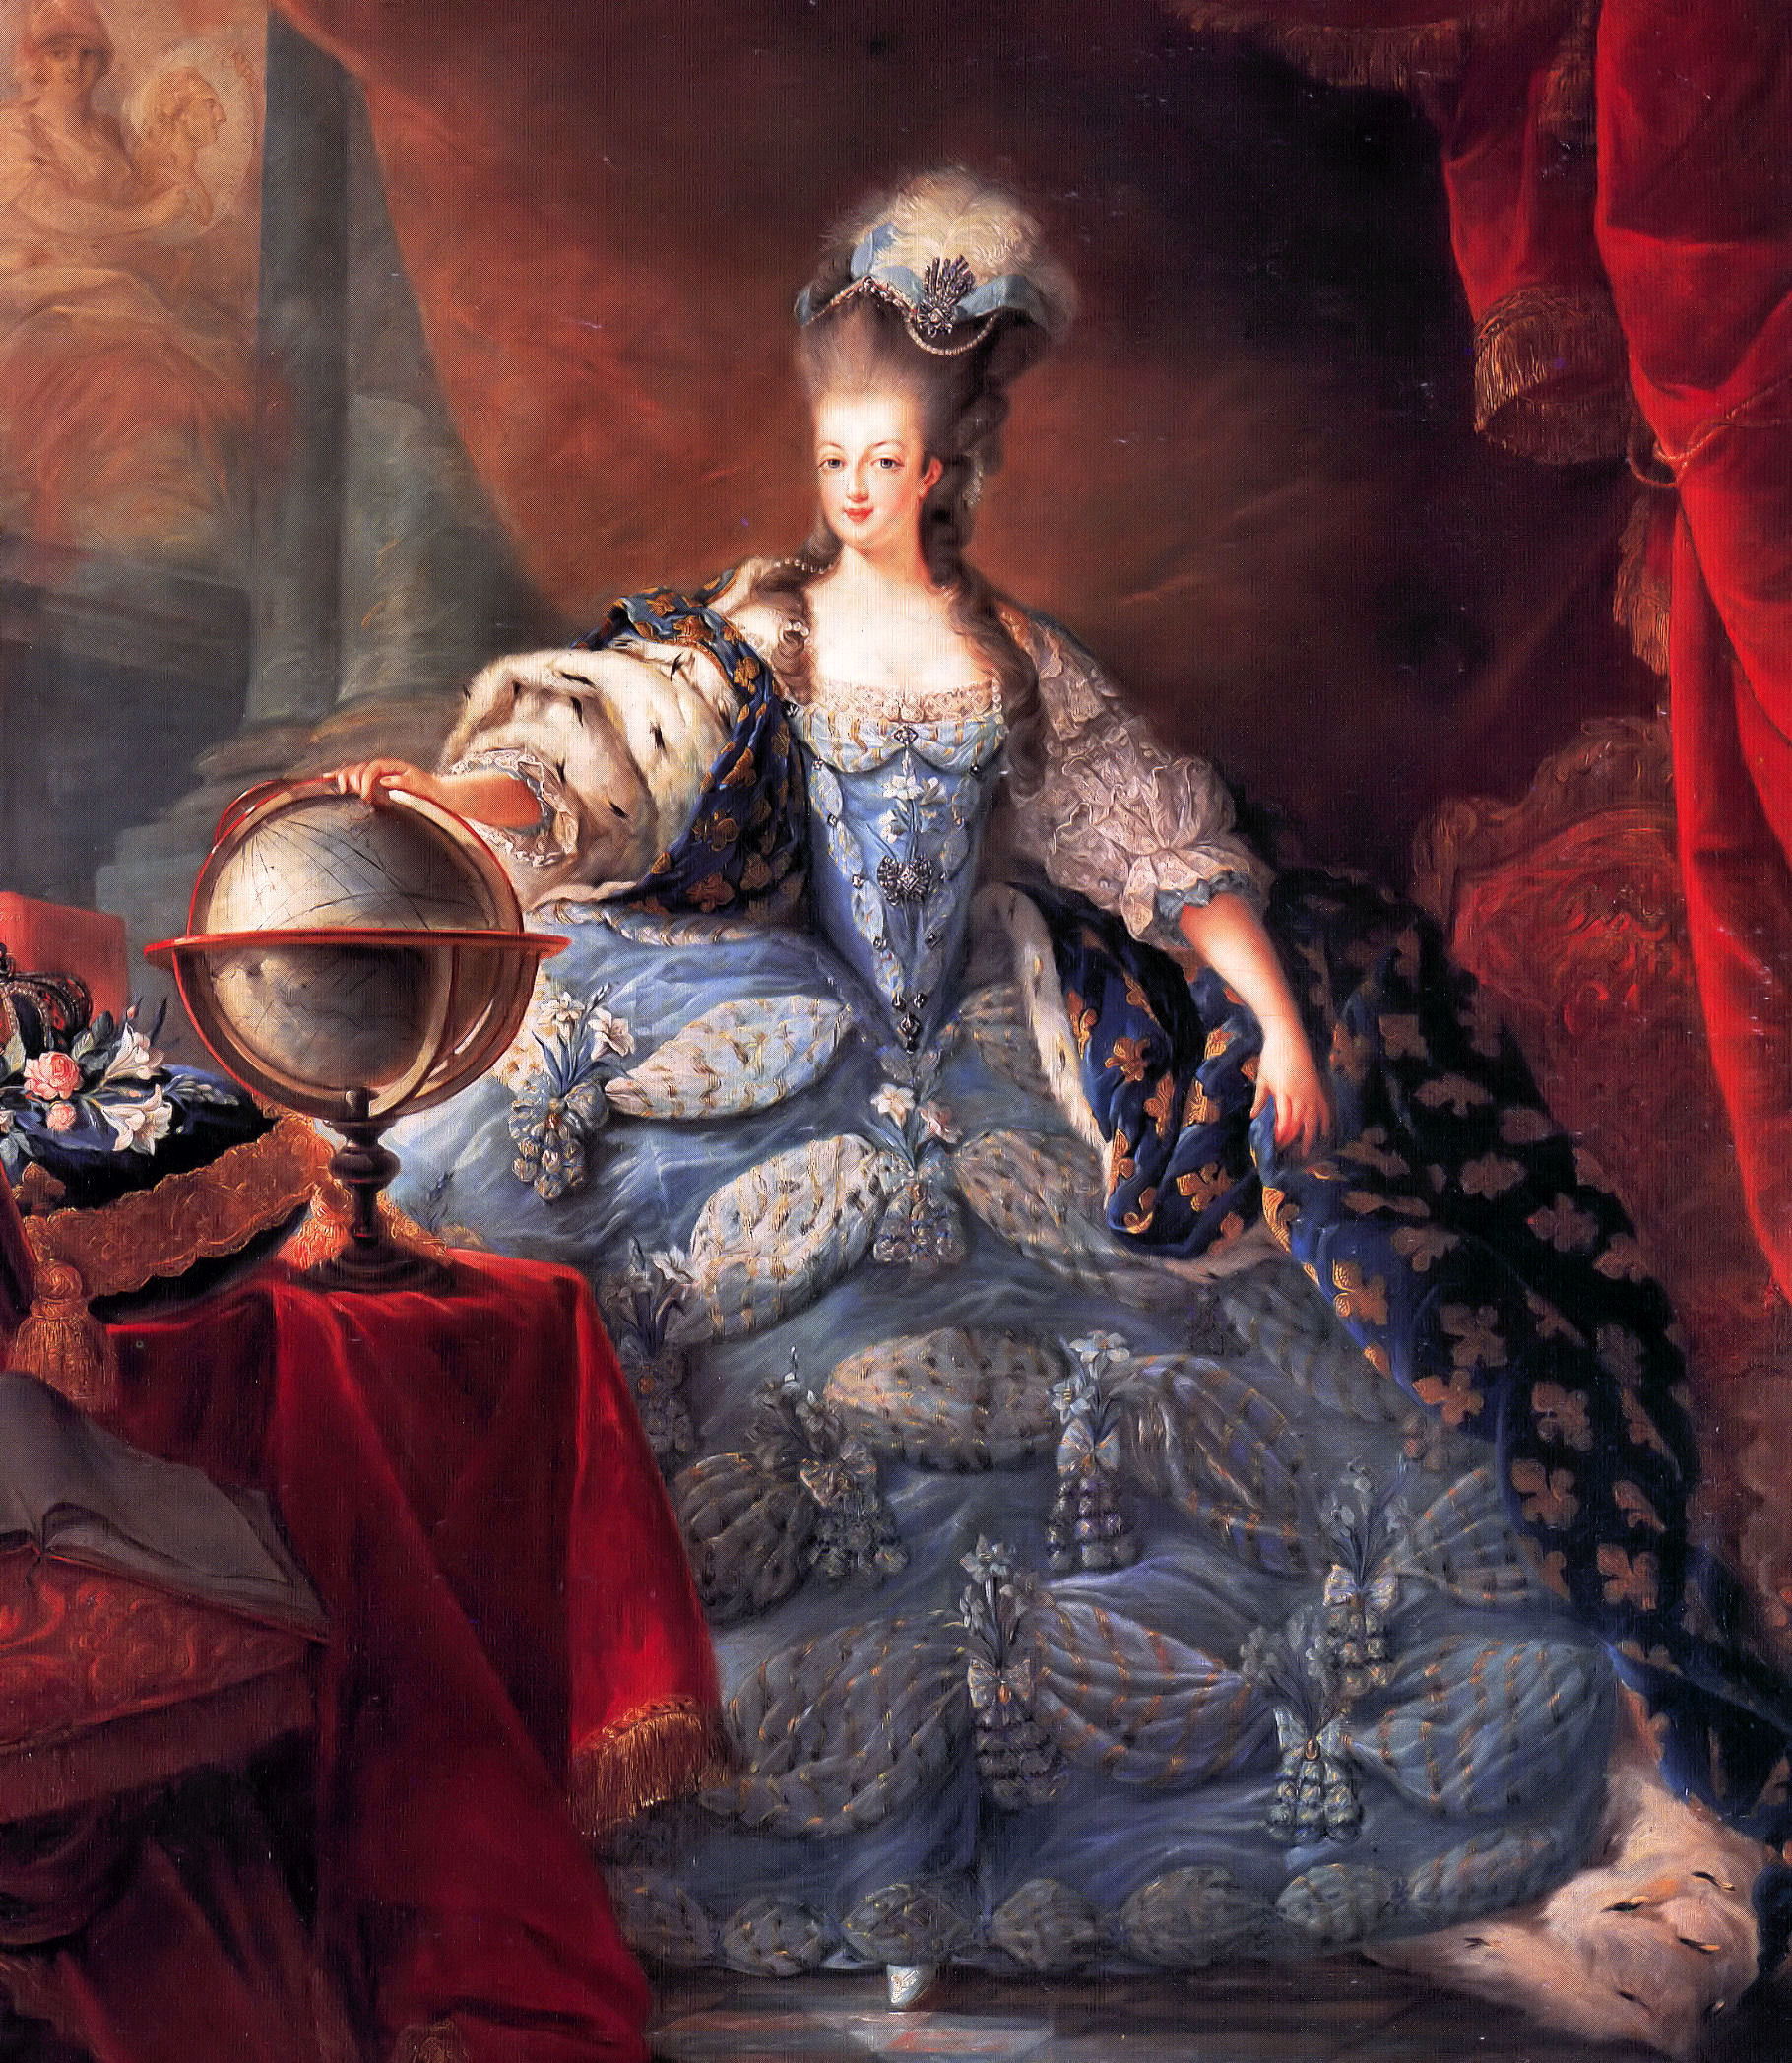 Cuộc đời gây tranh cãi của hoàng hậu xinh đẹp ăn chơi phóng túng, được ngưỡng mộ nhưng cũng bị căm ghét - Ảnh 2.